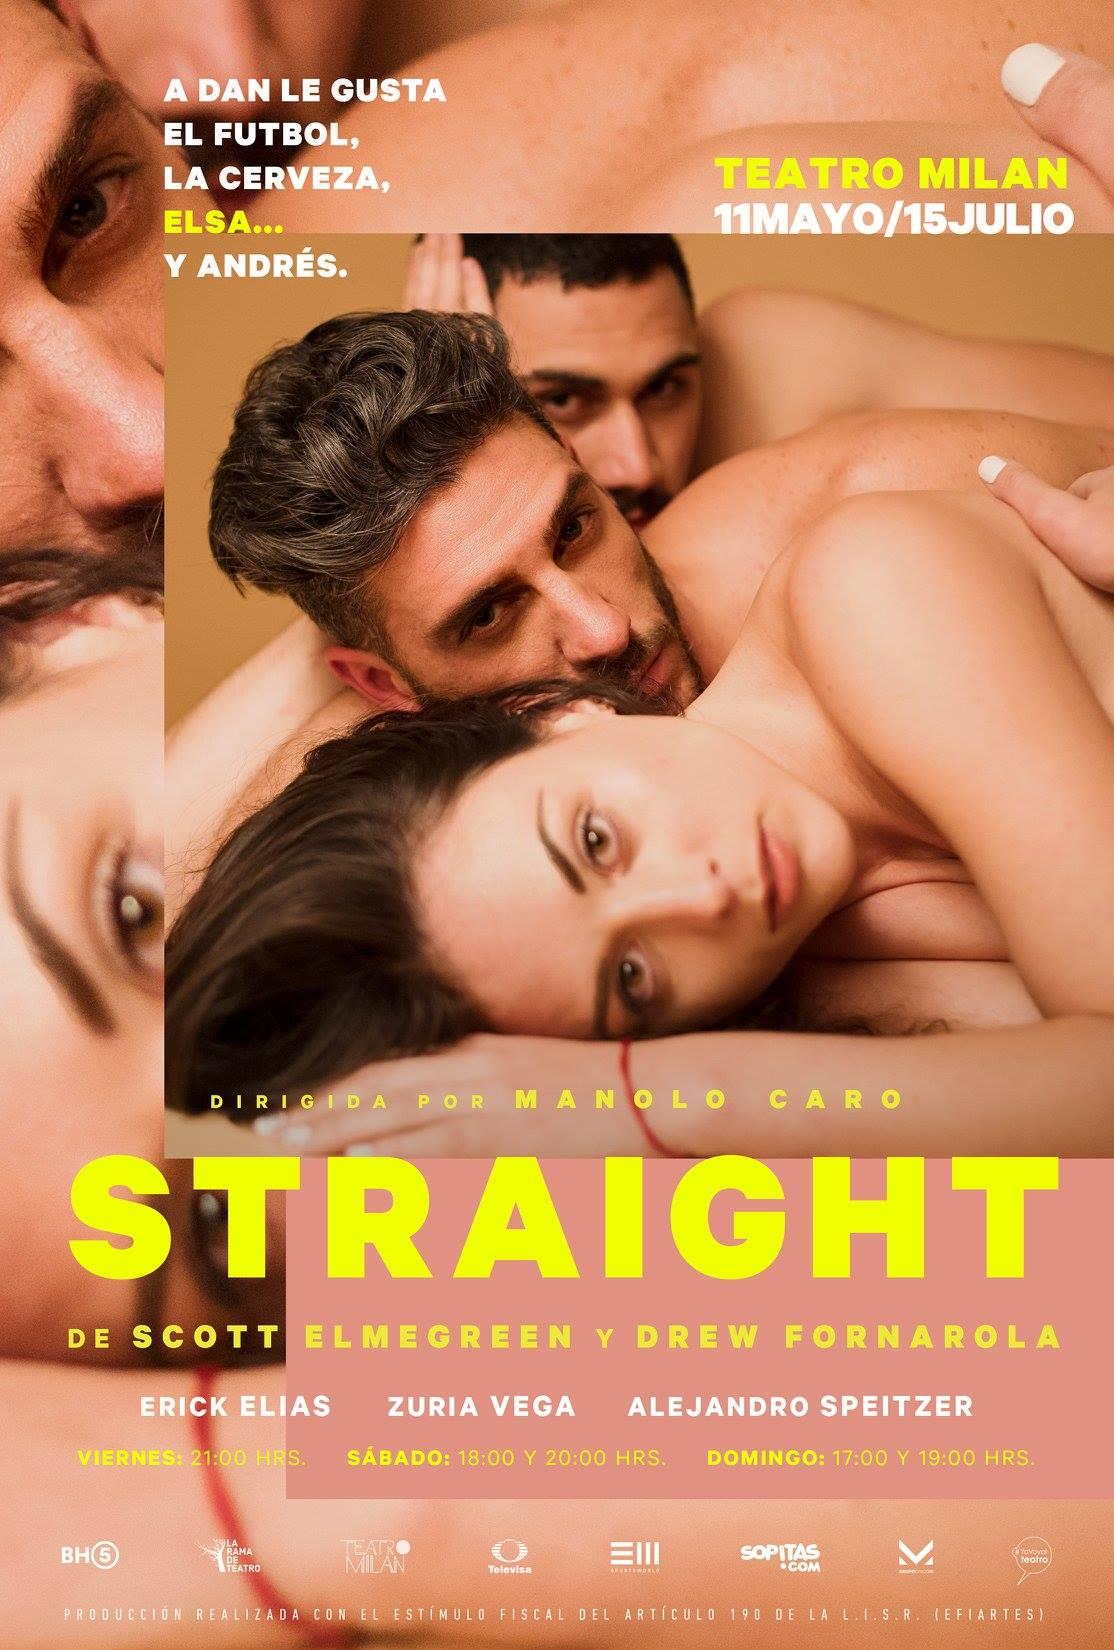 'Straight': ¿Somos capaces de buscar y vivir la felicidad que queremos?